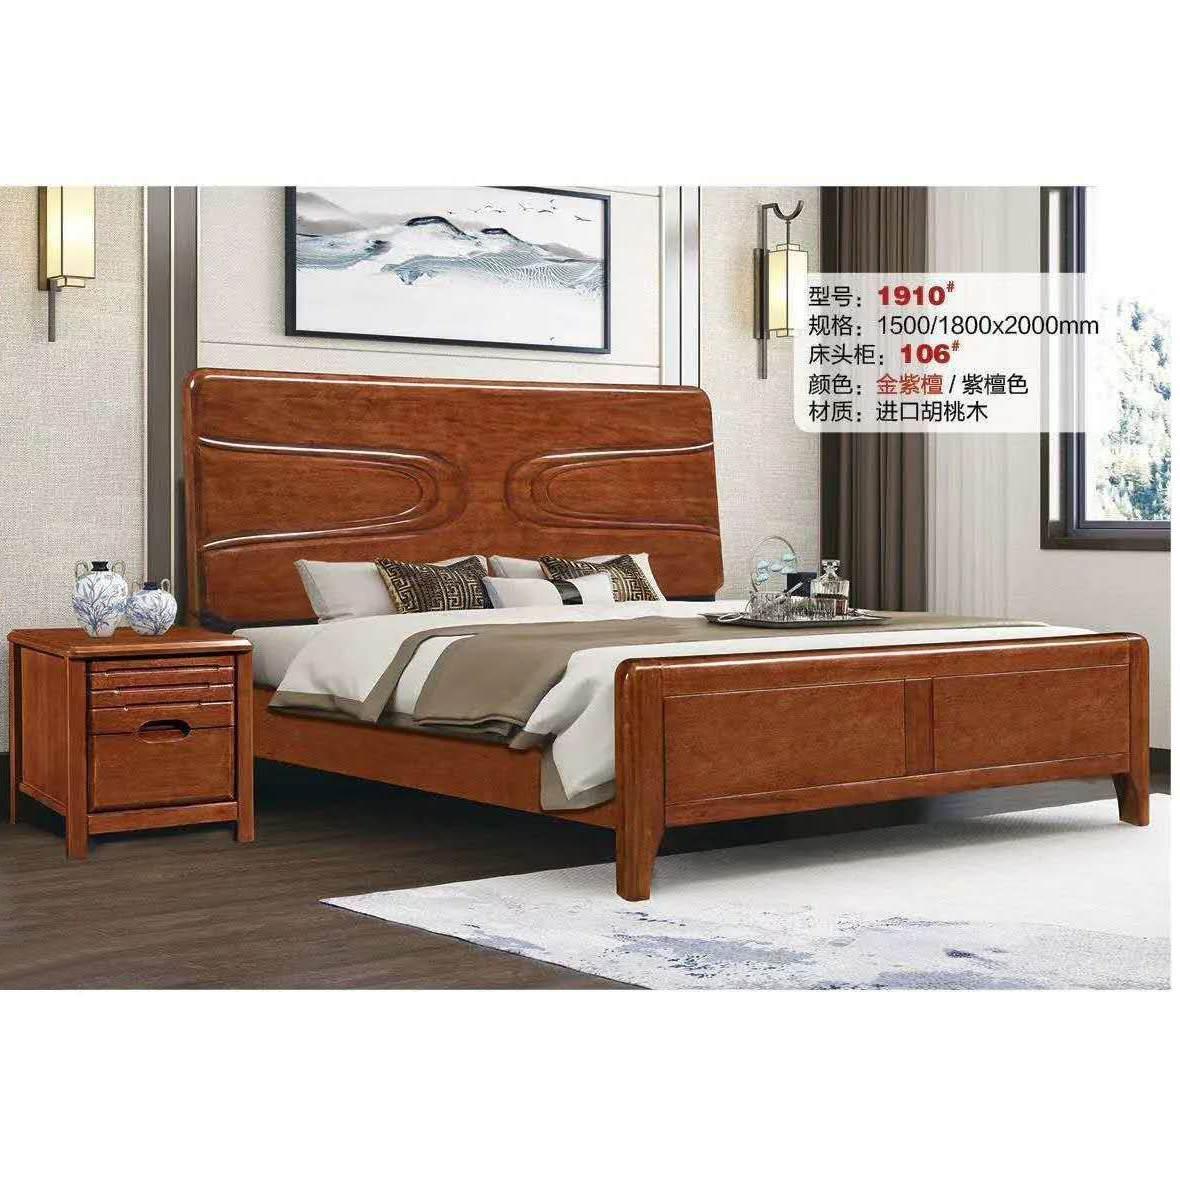 胡桃木实木床中式双人床1.8米1.5m现代简约卧室轻奢储物高箱婚床